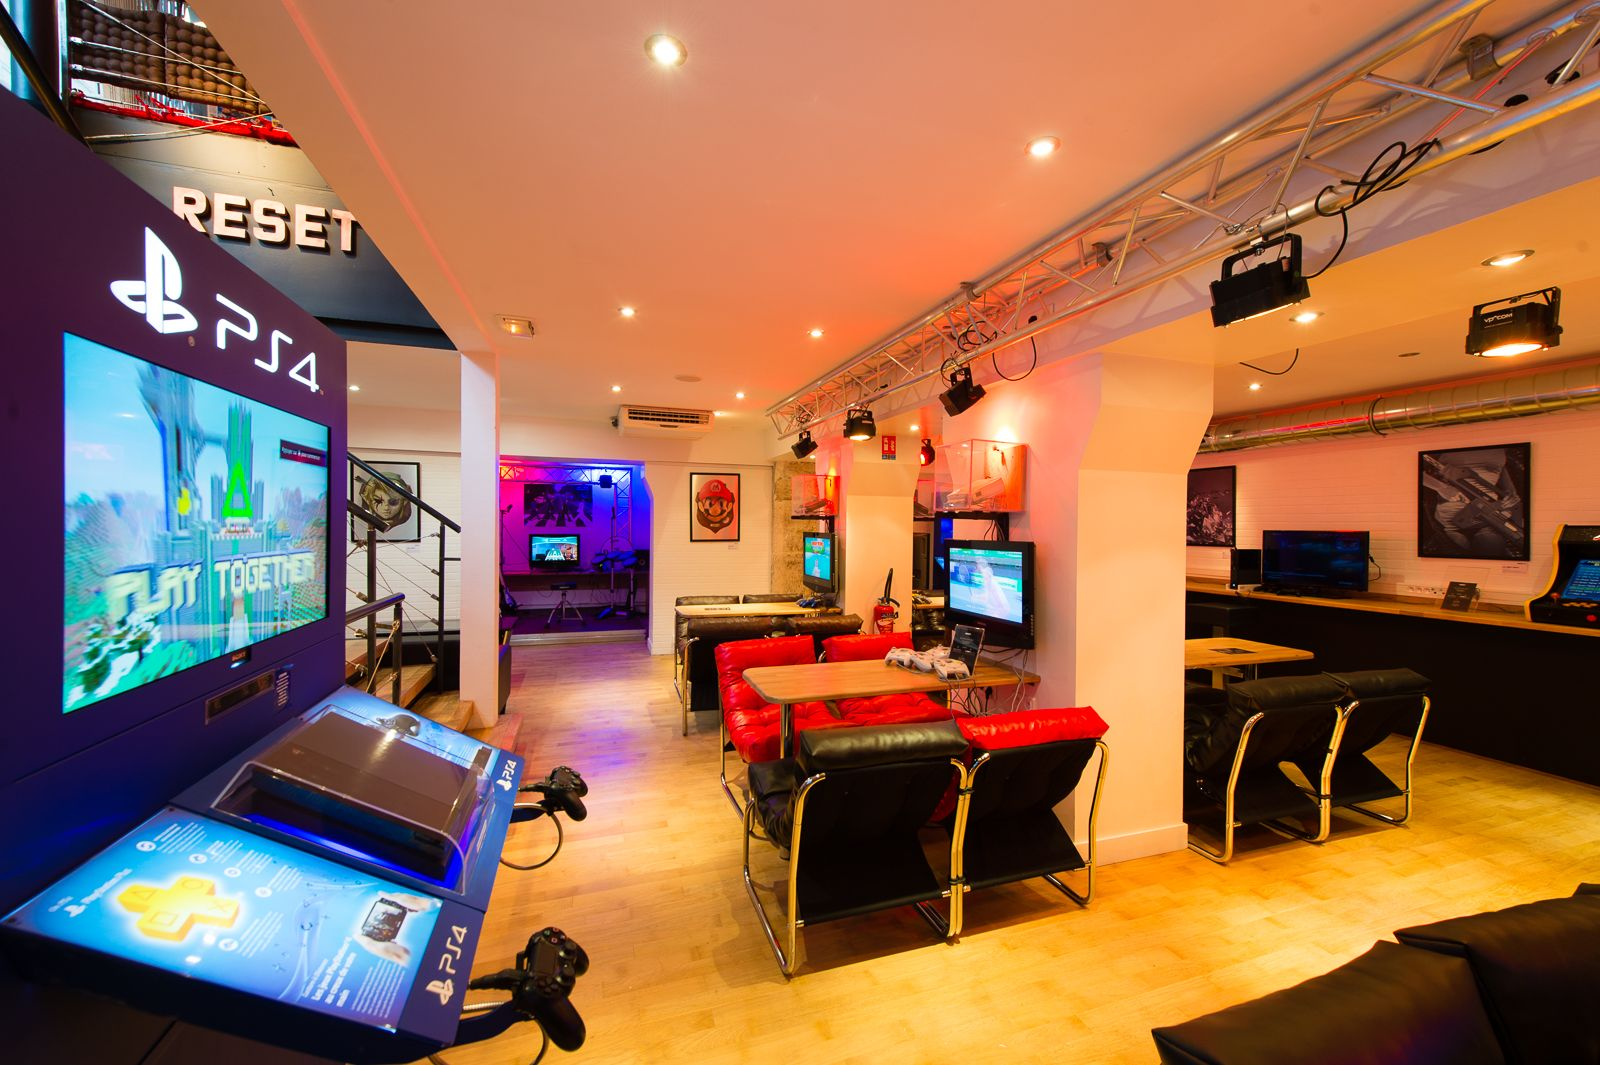 À la BnF, dans la plus grande collection de jeux vidéo de France 34899-bar-reset